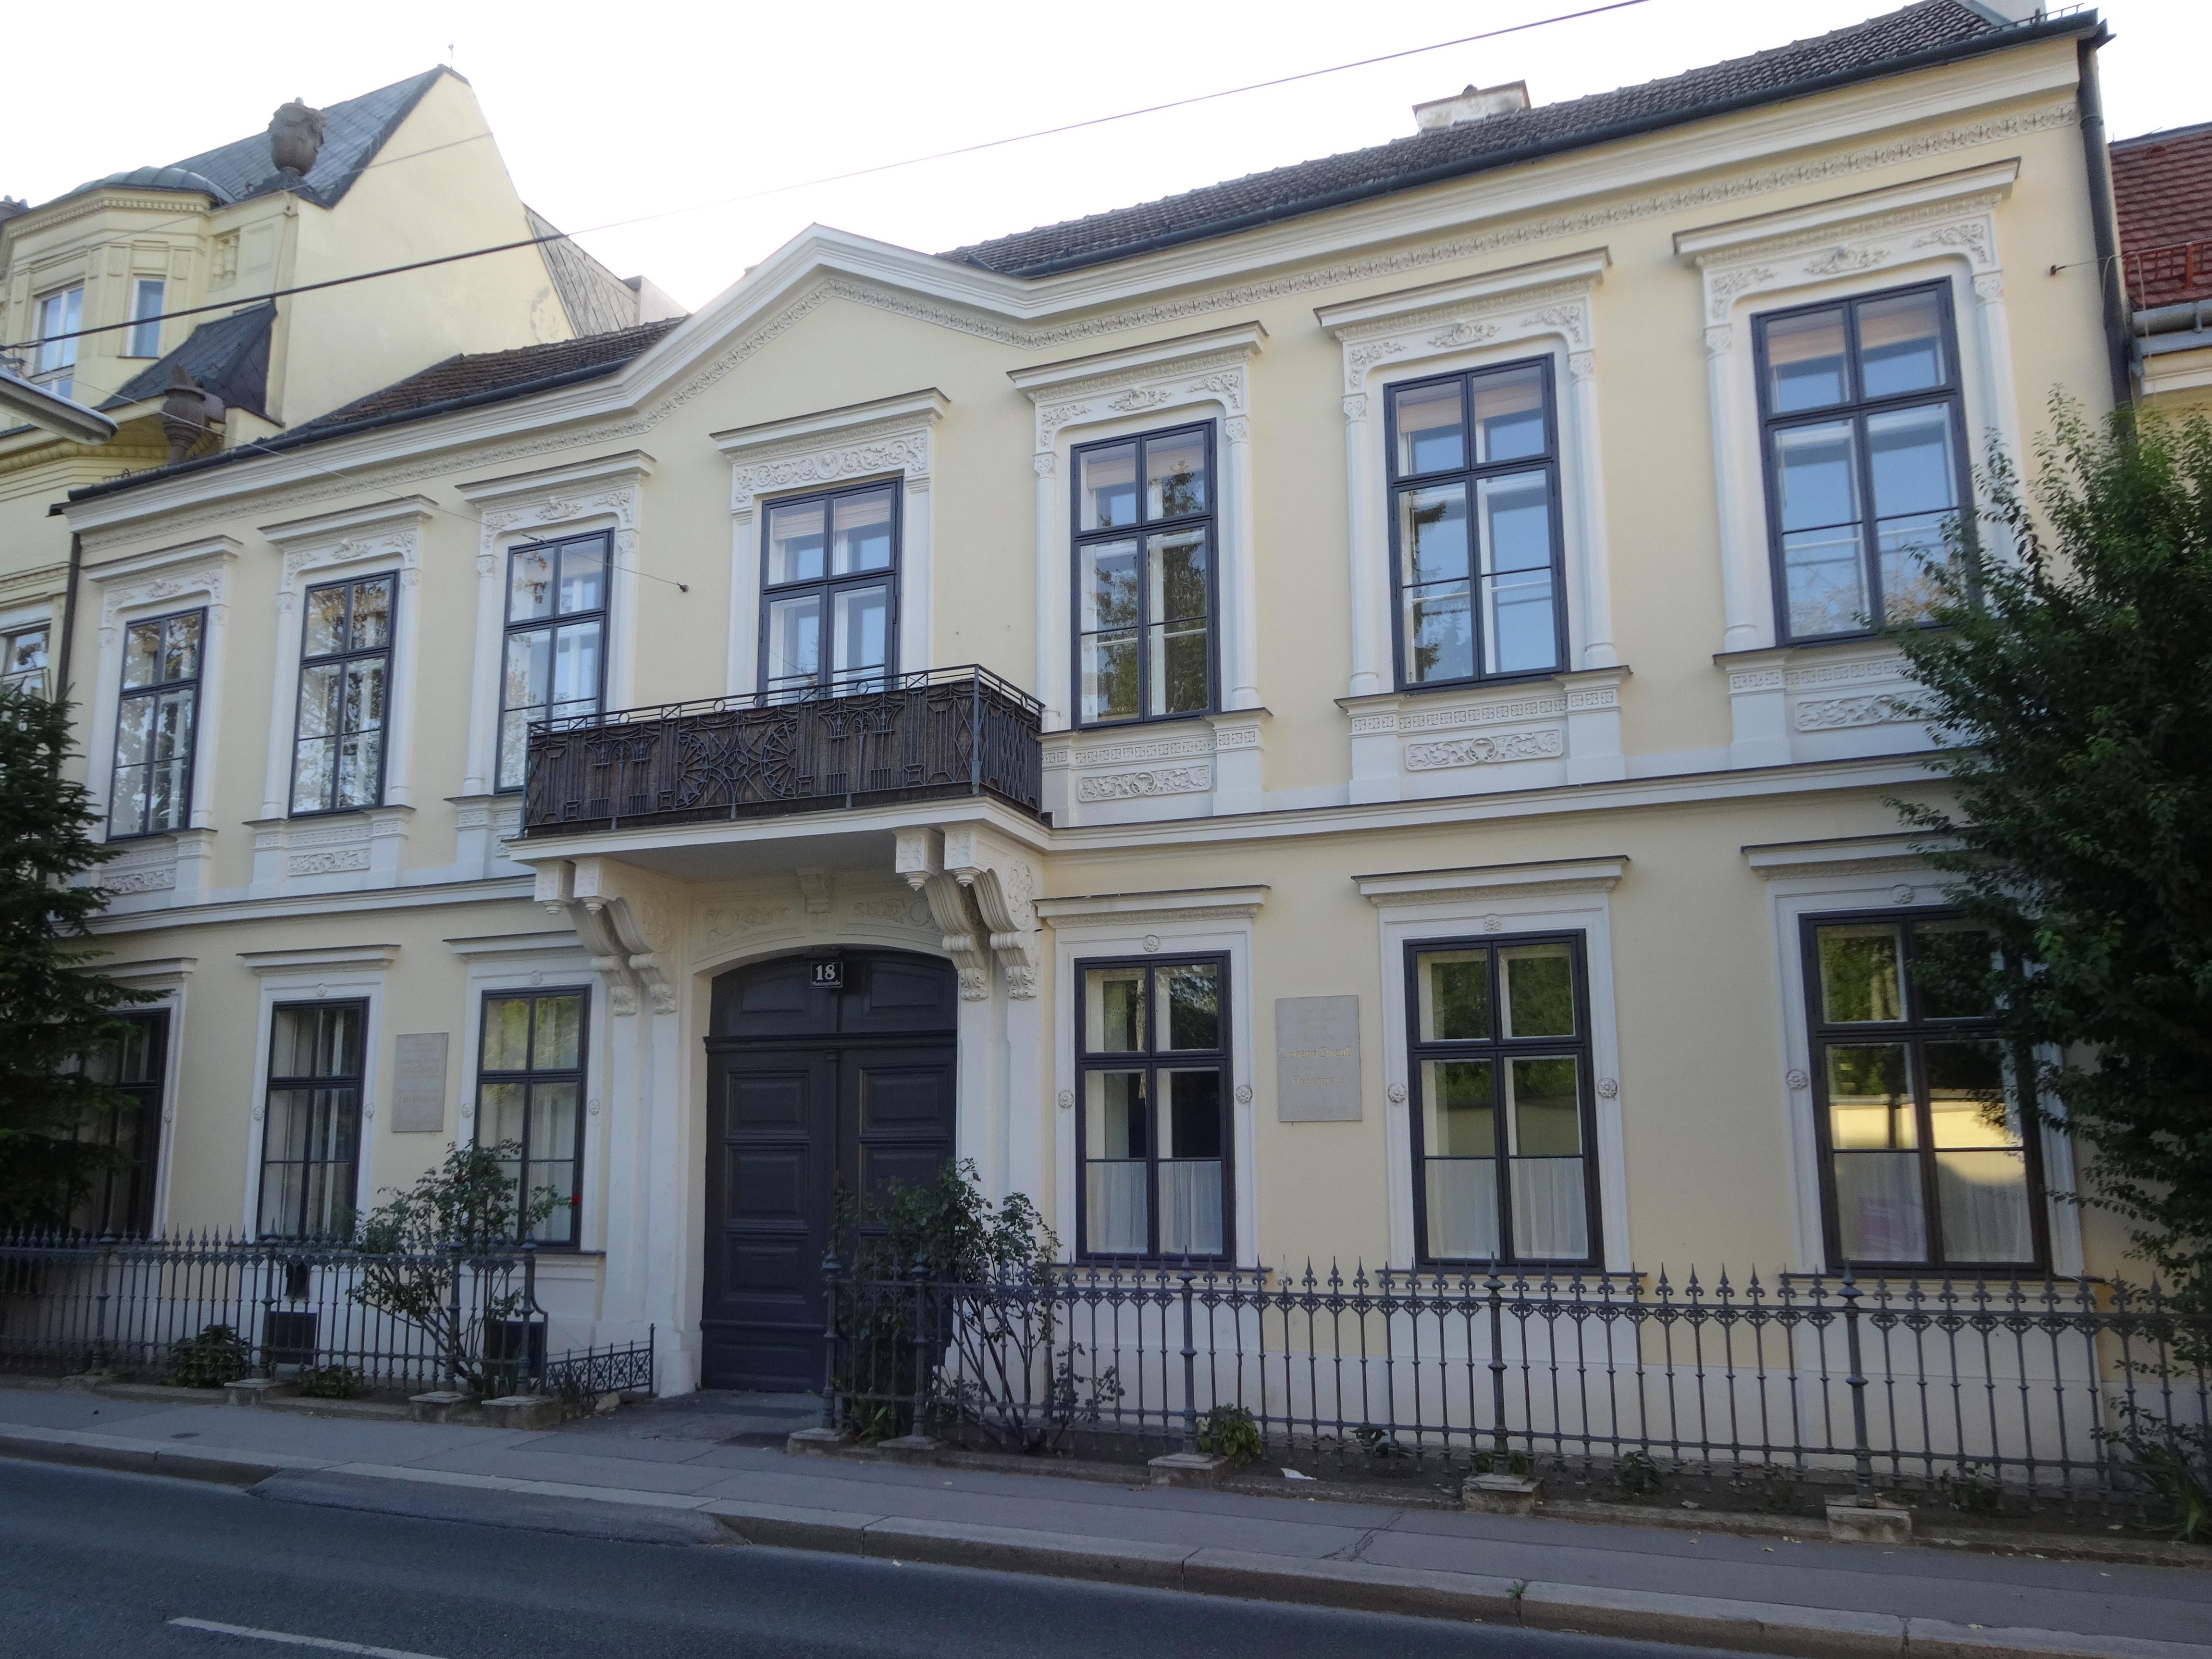 Johann Strauss Fledermaus Haus